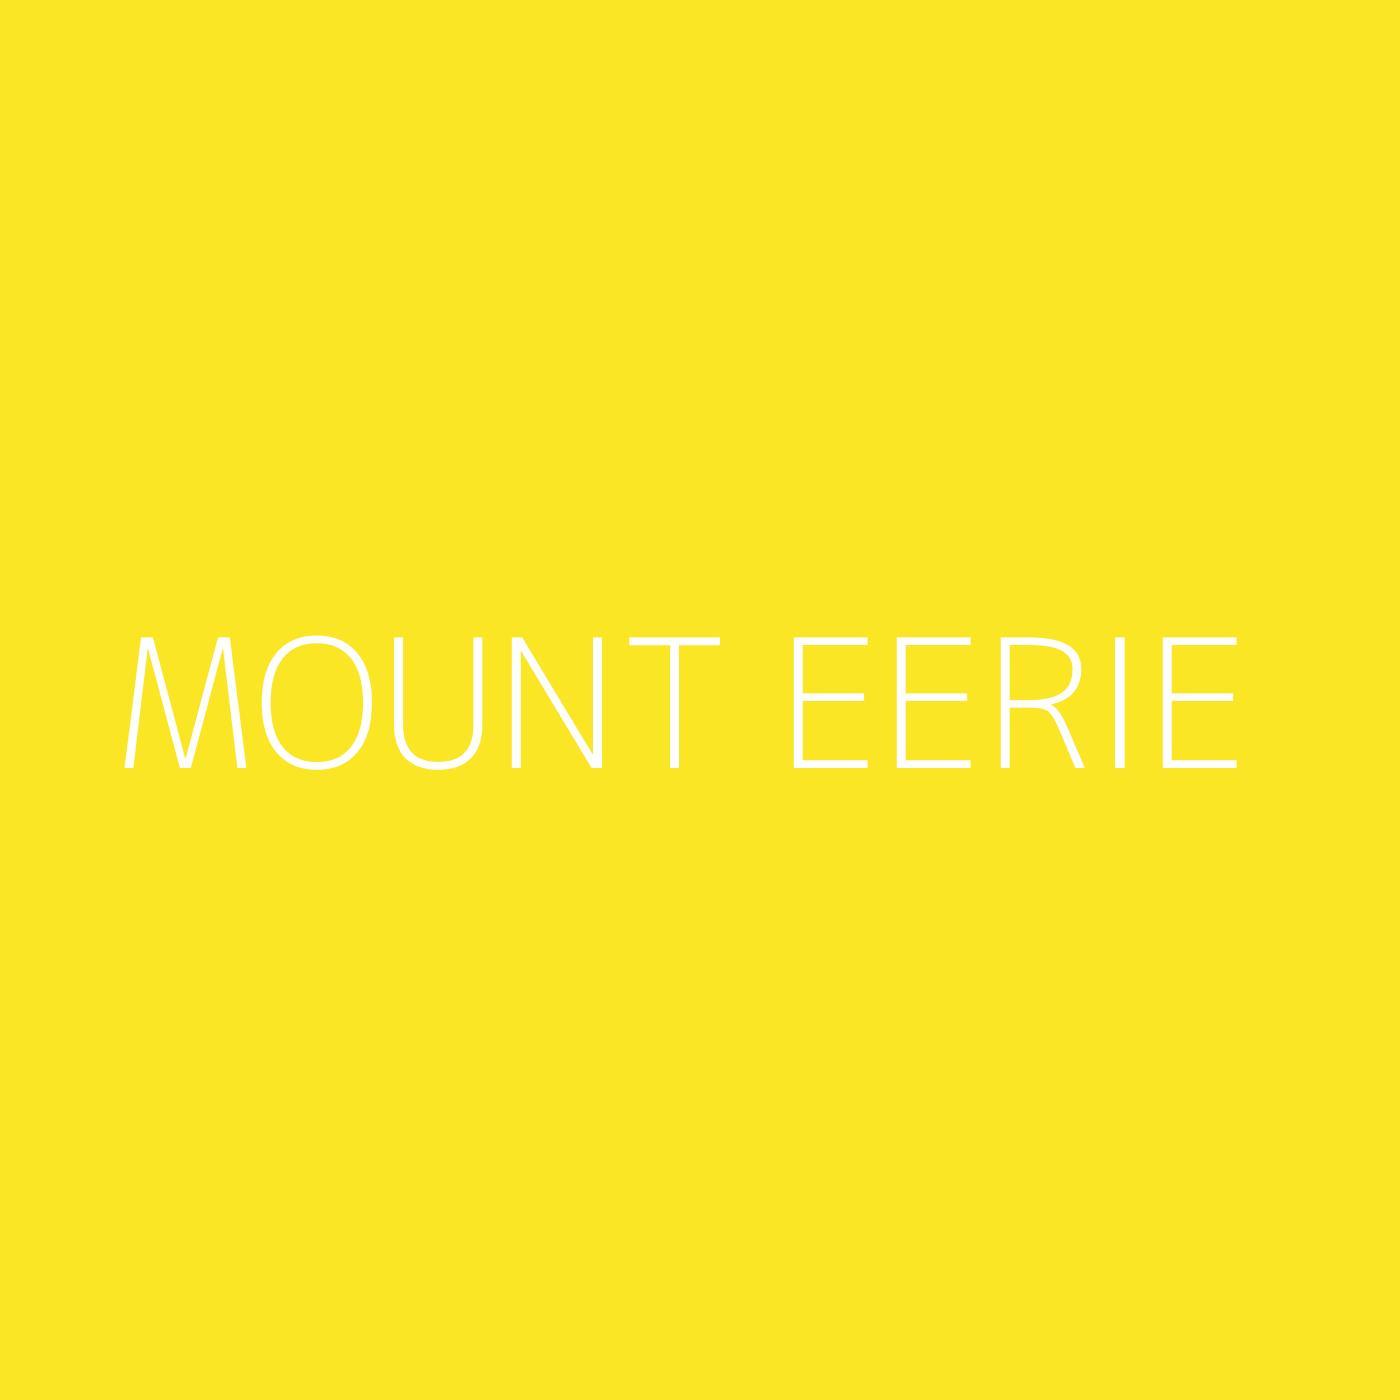 Mount Eerie Playlist Artwork